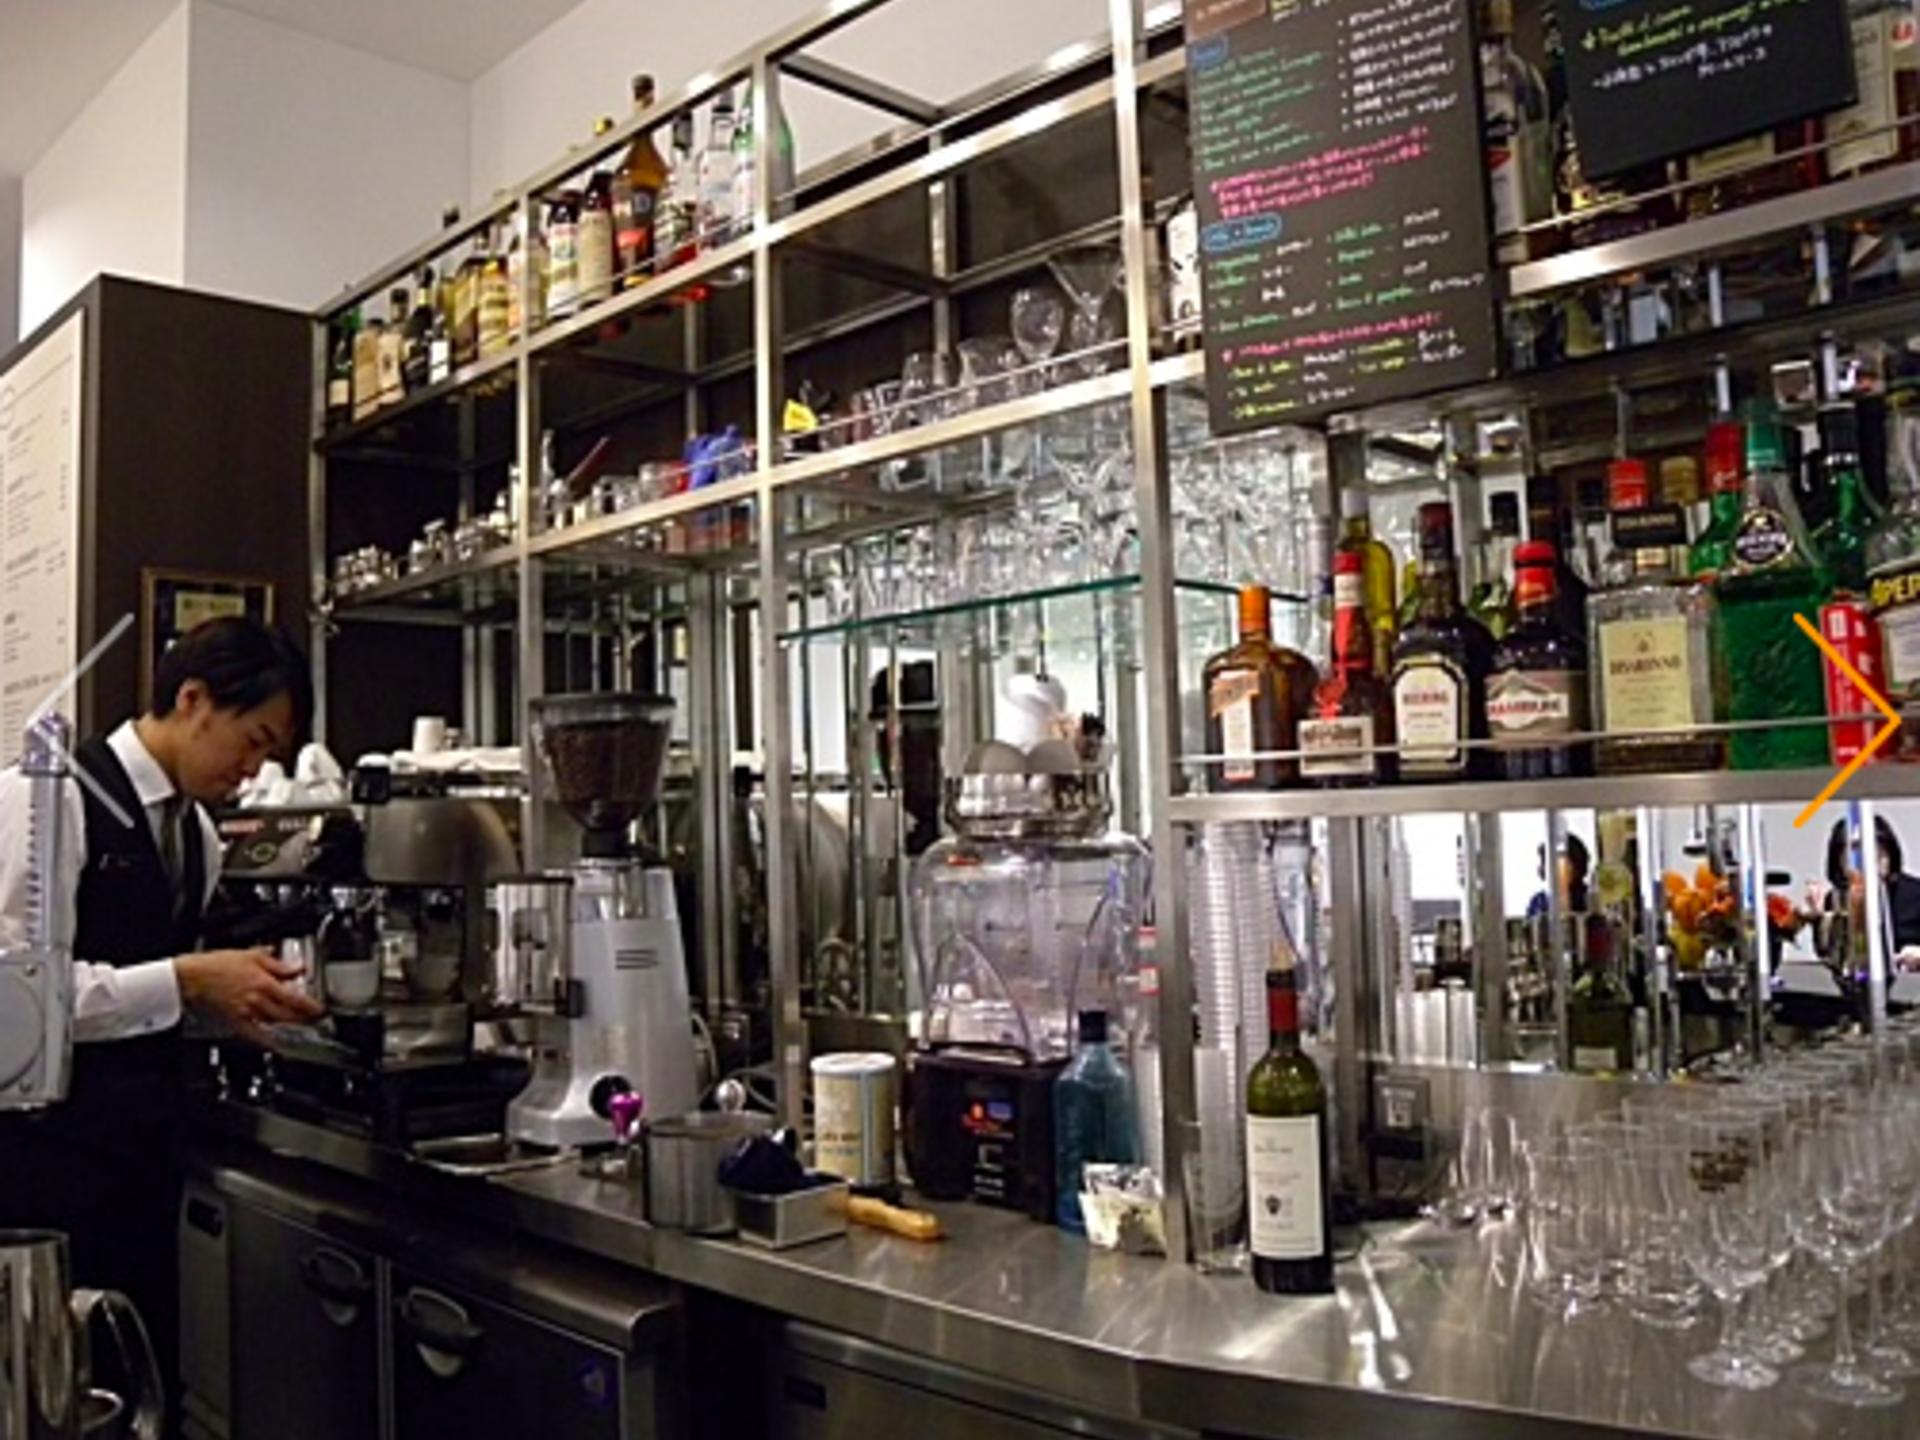 <表参道>本場のエスプレッソを体験「BAR iL PRiMARiO」【贅沢なコーヒーを味わうカフェ】